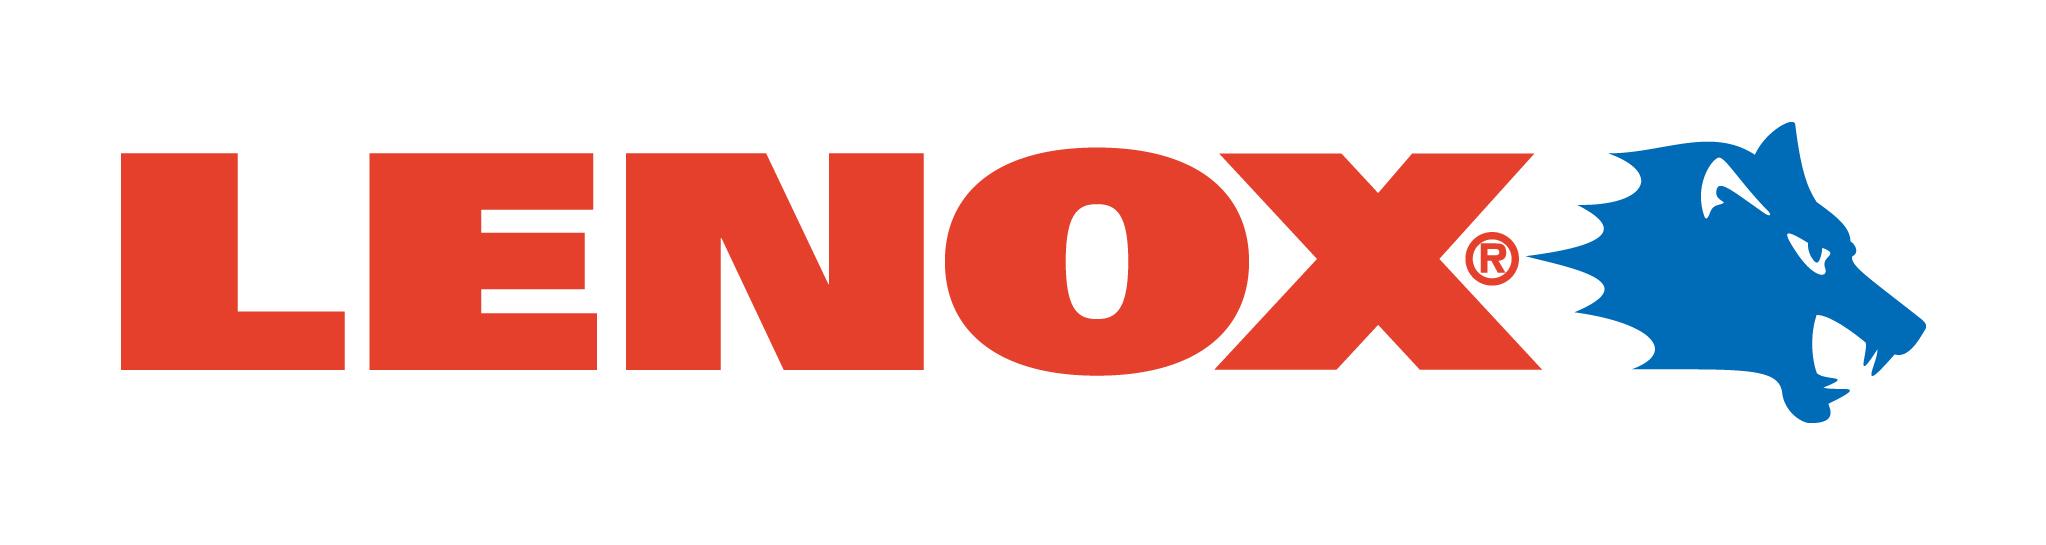 Lenox Logo   Class C Components Abrasive Supplier